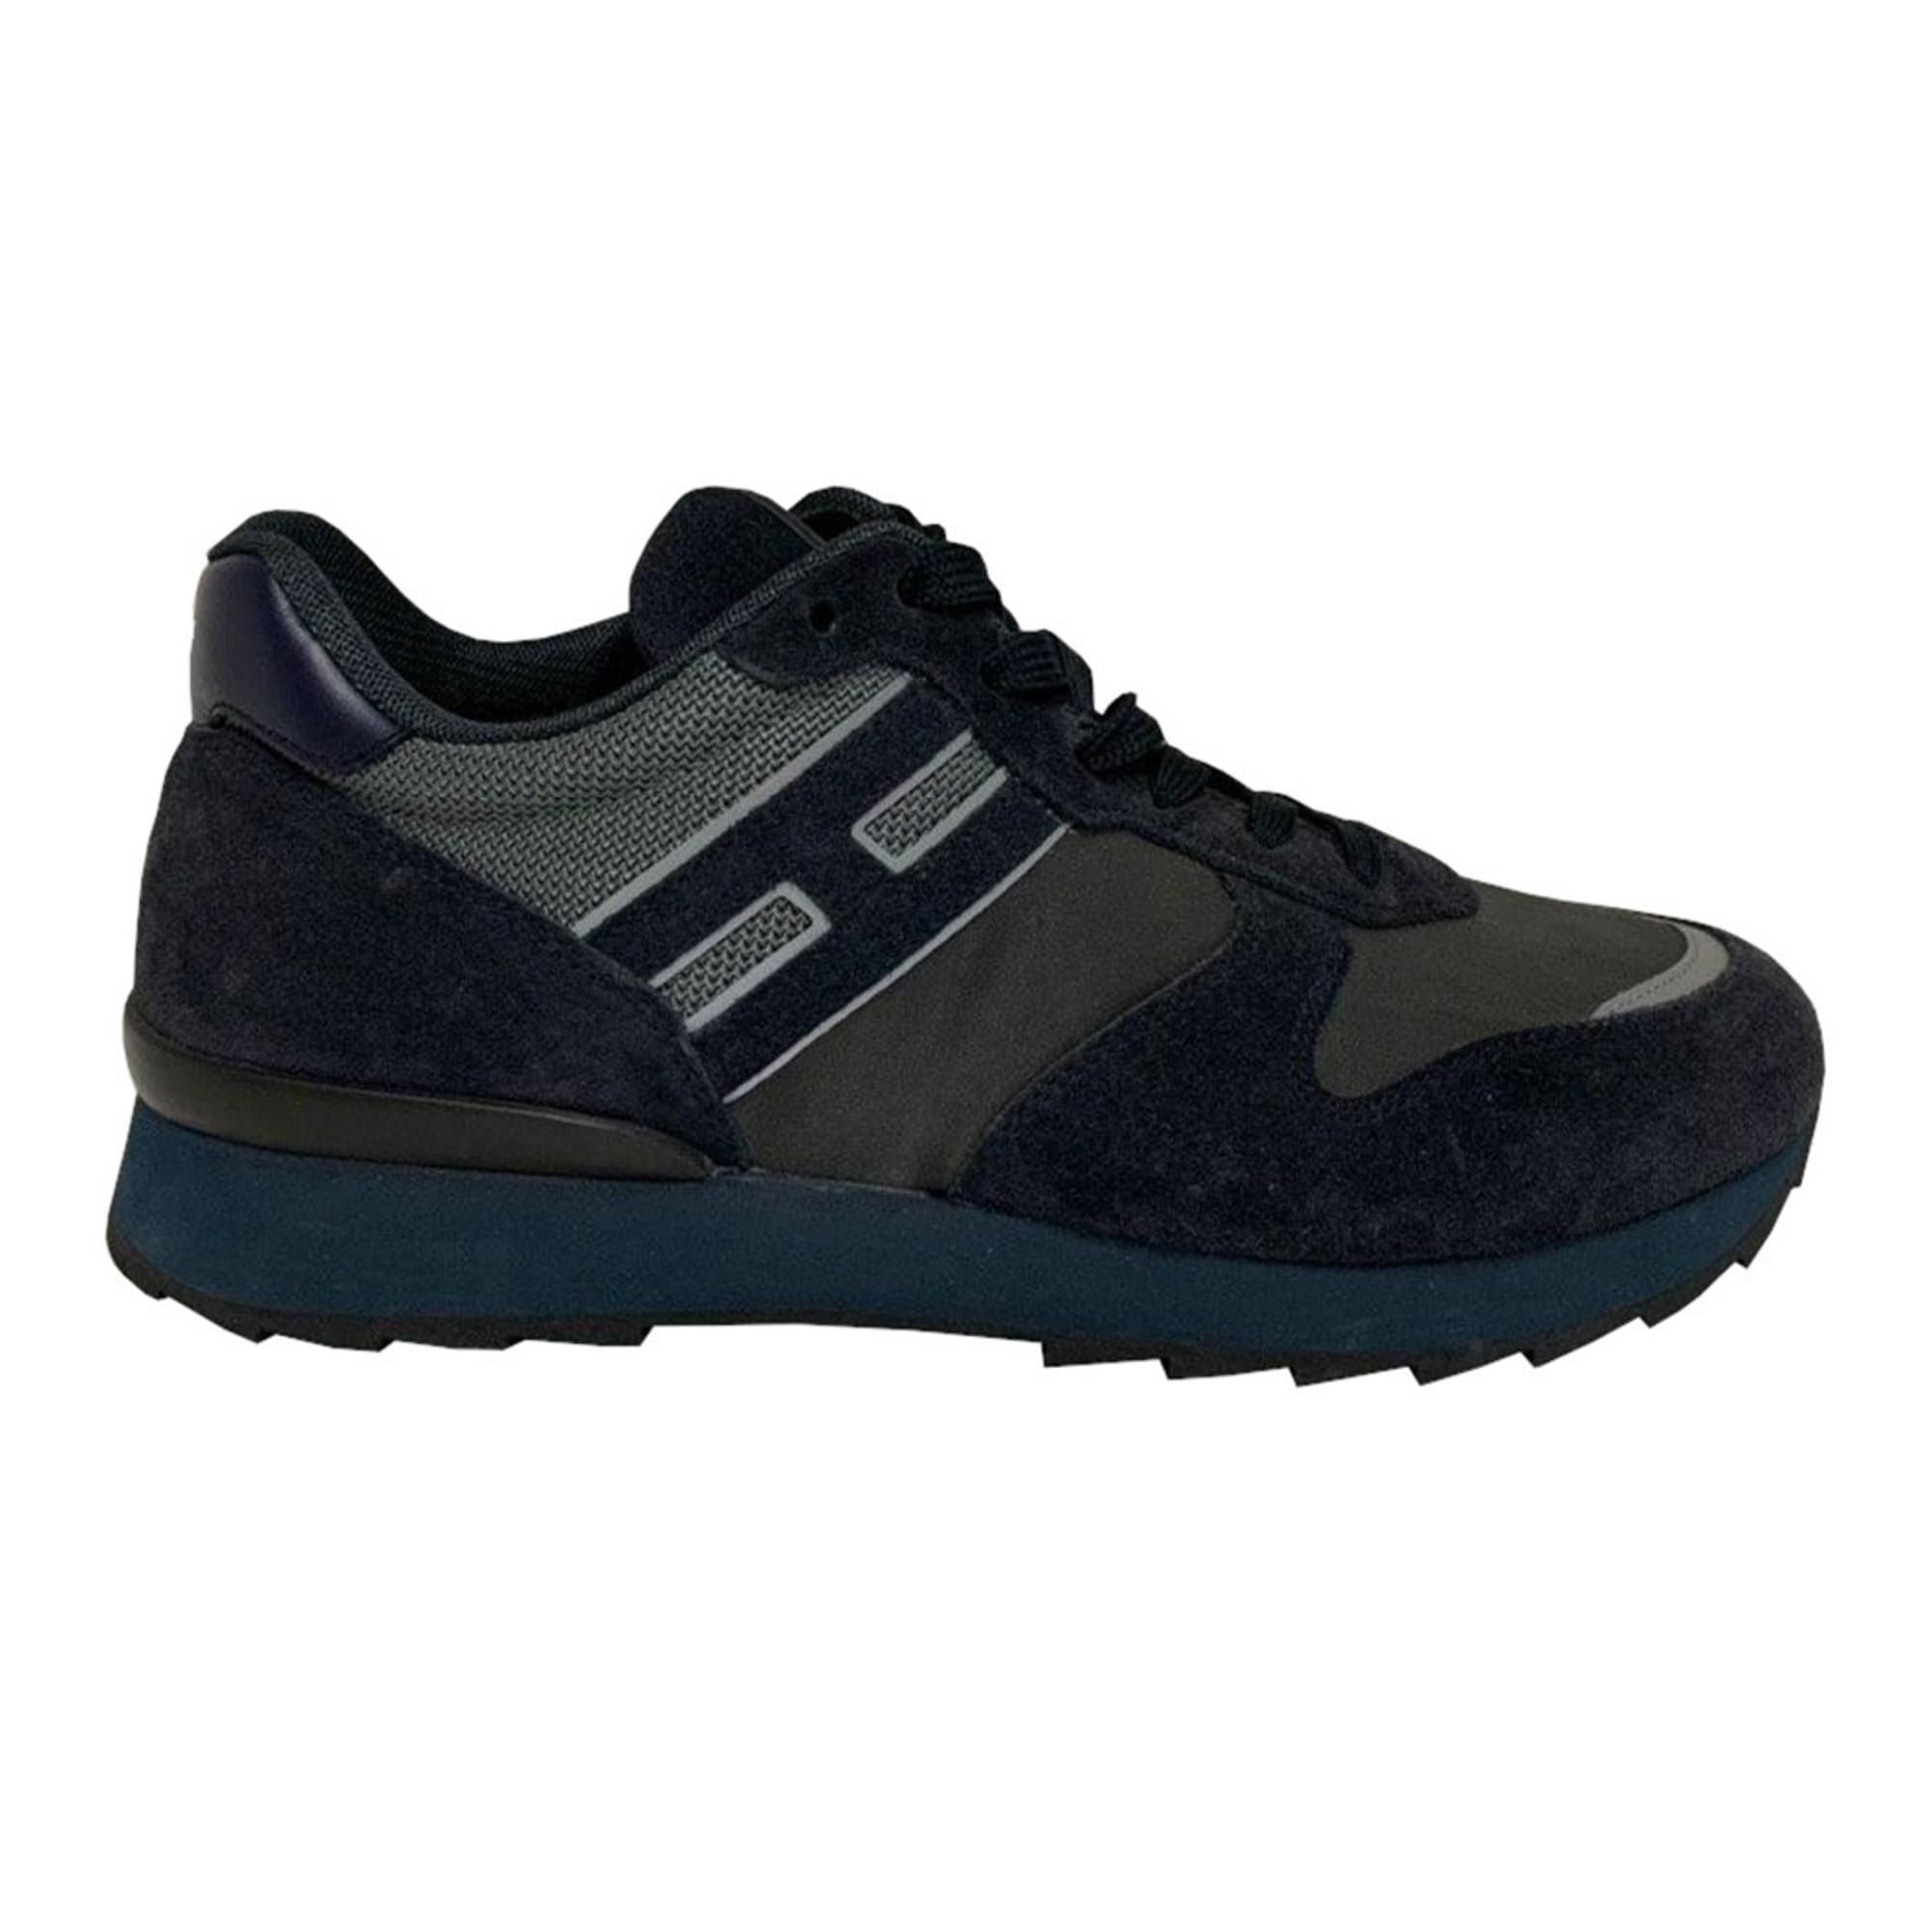 Chaussures de sport HOGAN Bleu, bleu marine, bleu turquoise